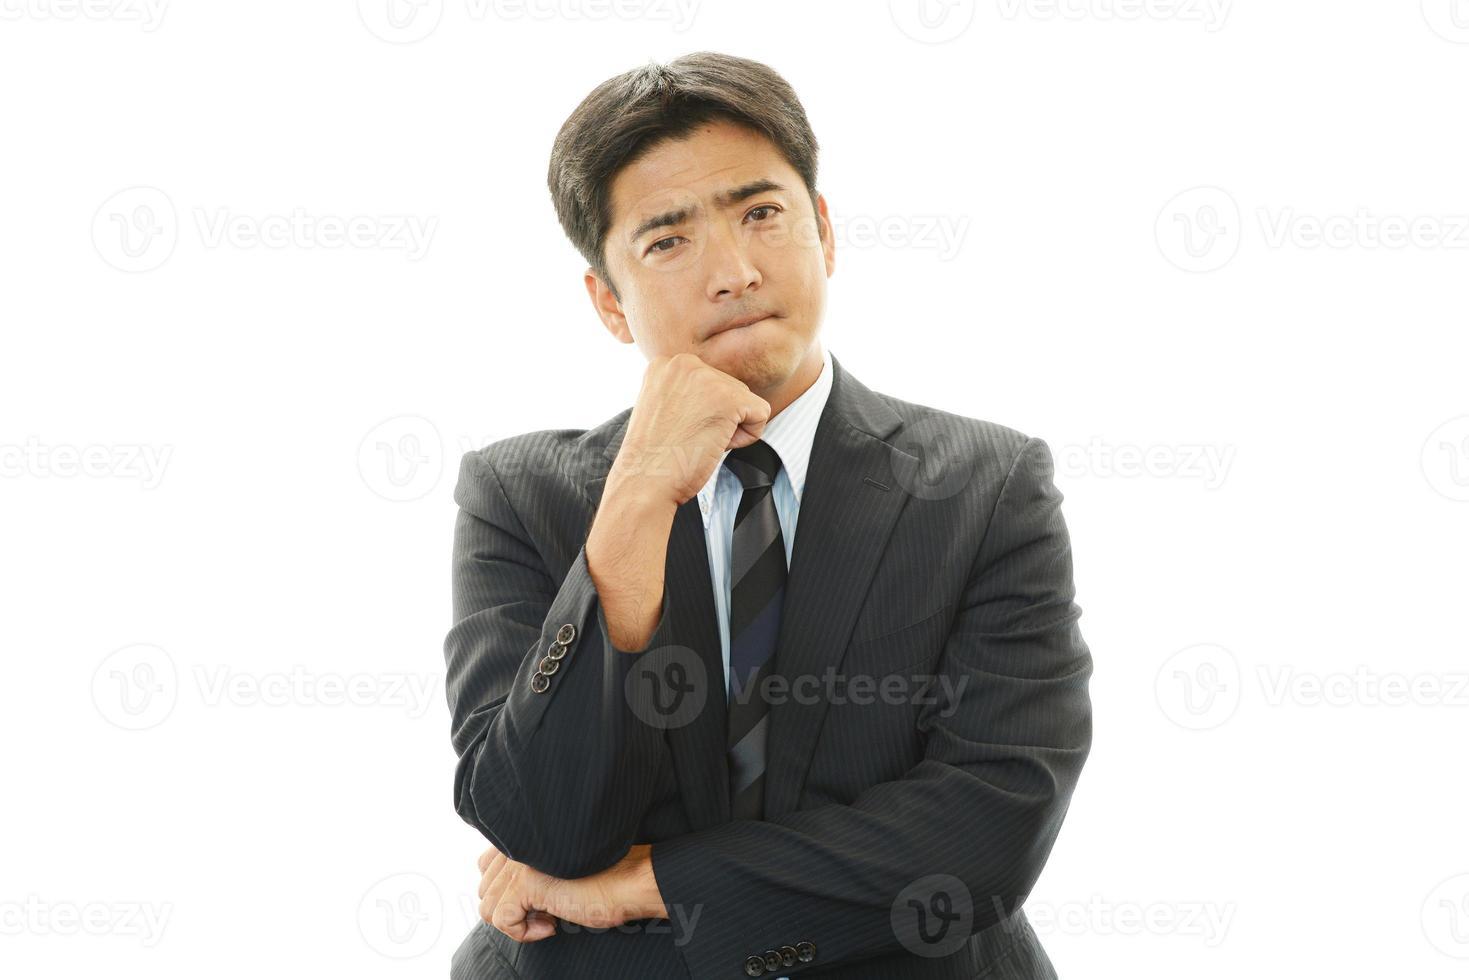 homme d'affaires asiatique insatisfait photo